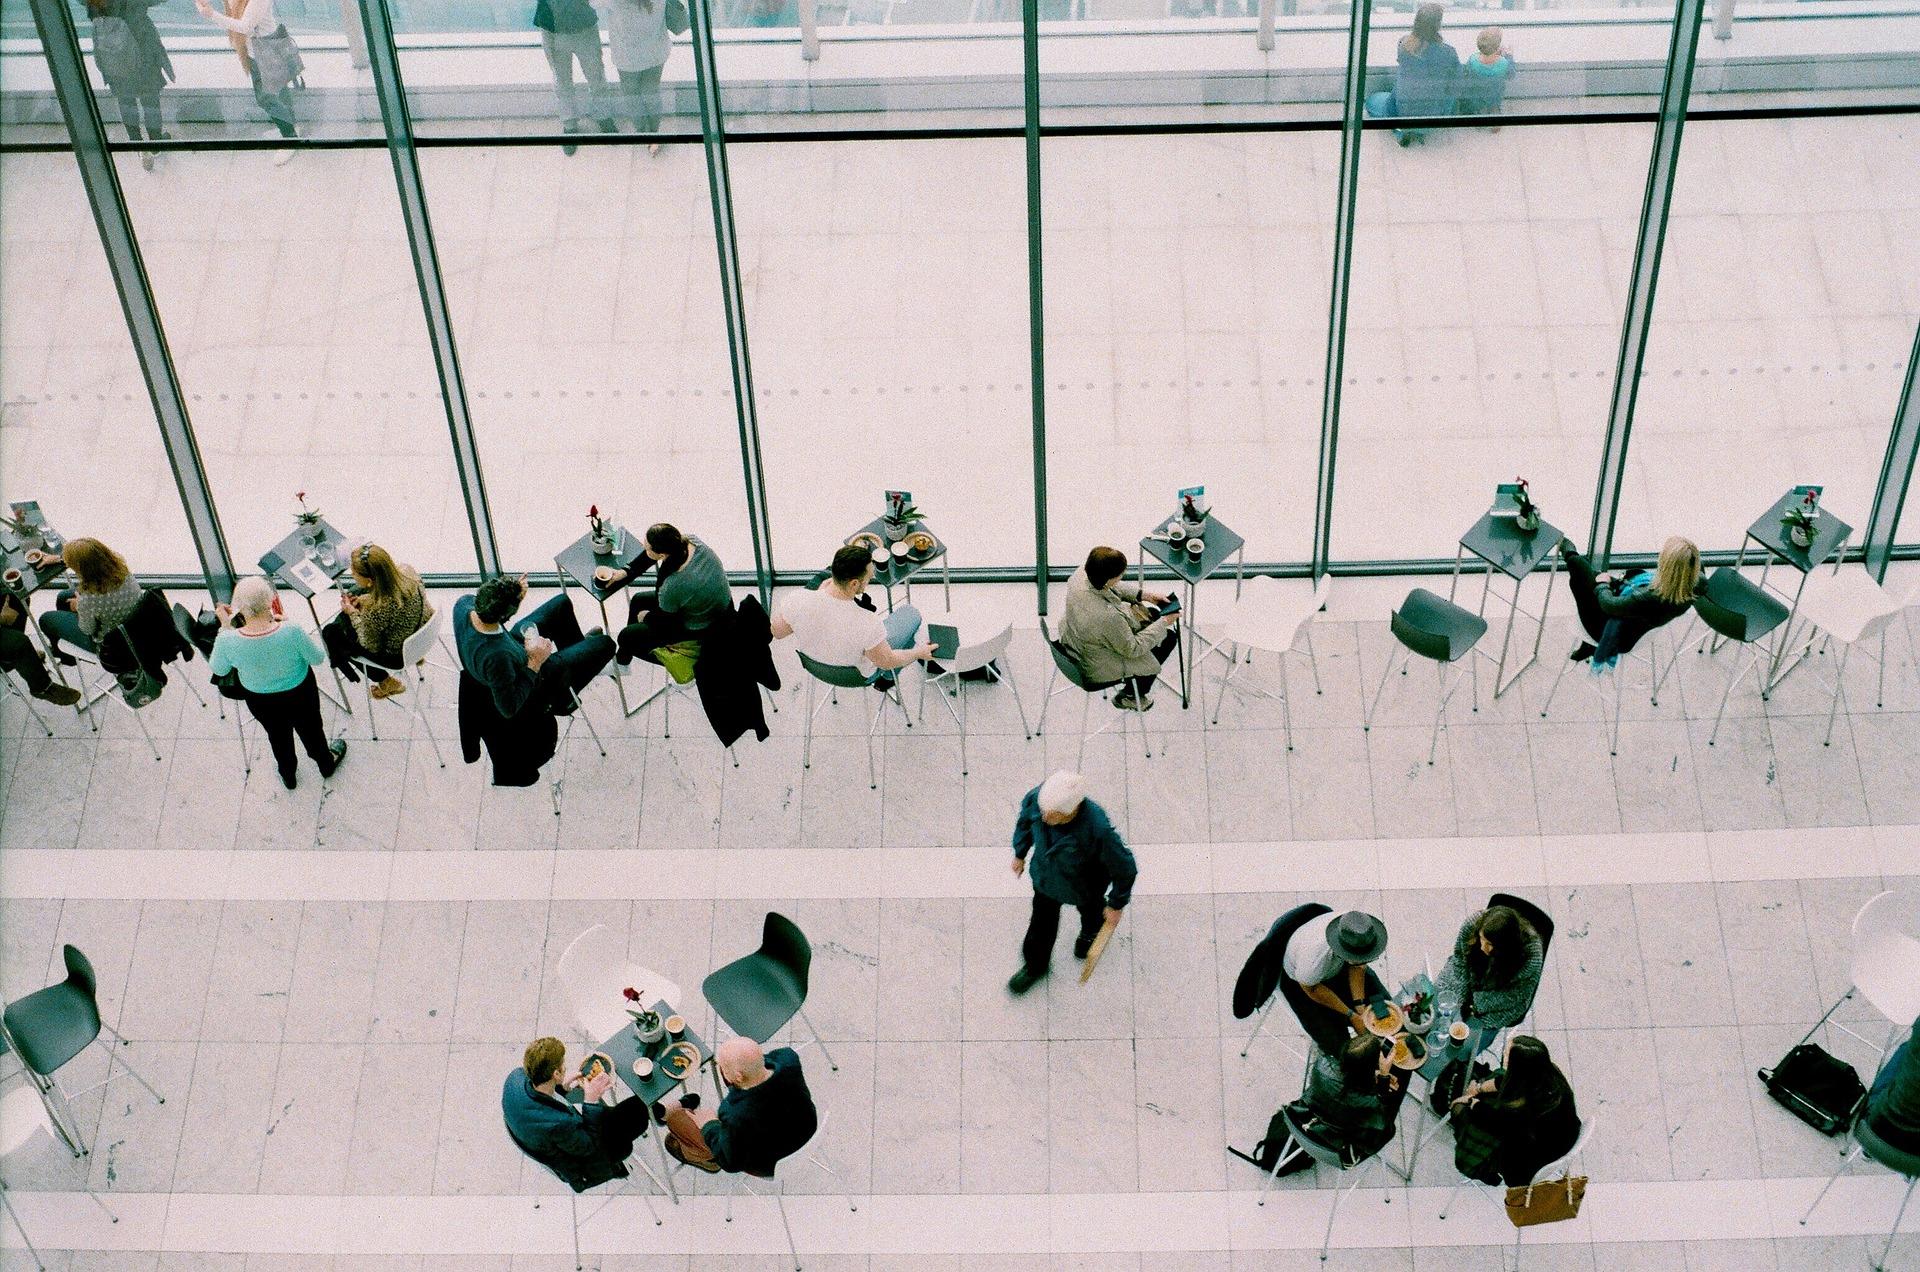 10 vállalkozó megosztja a hatékony megbeszélés receptjét